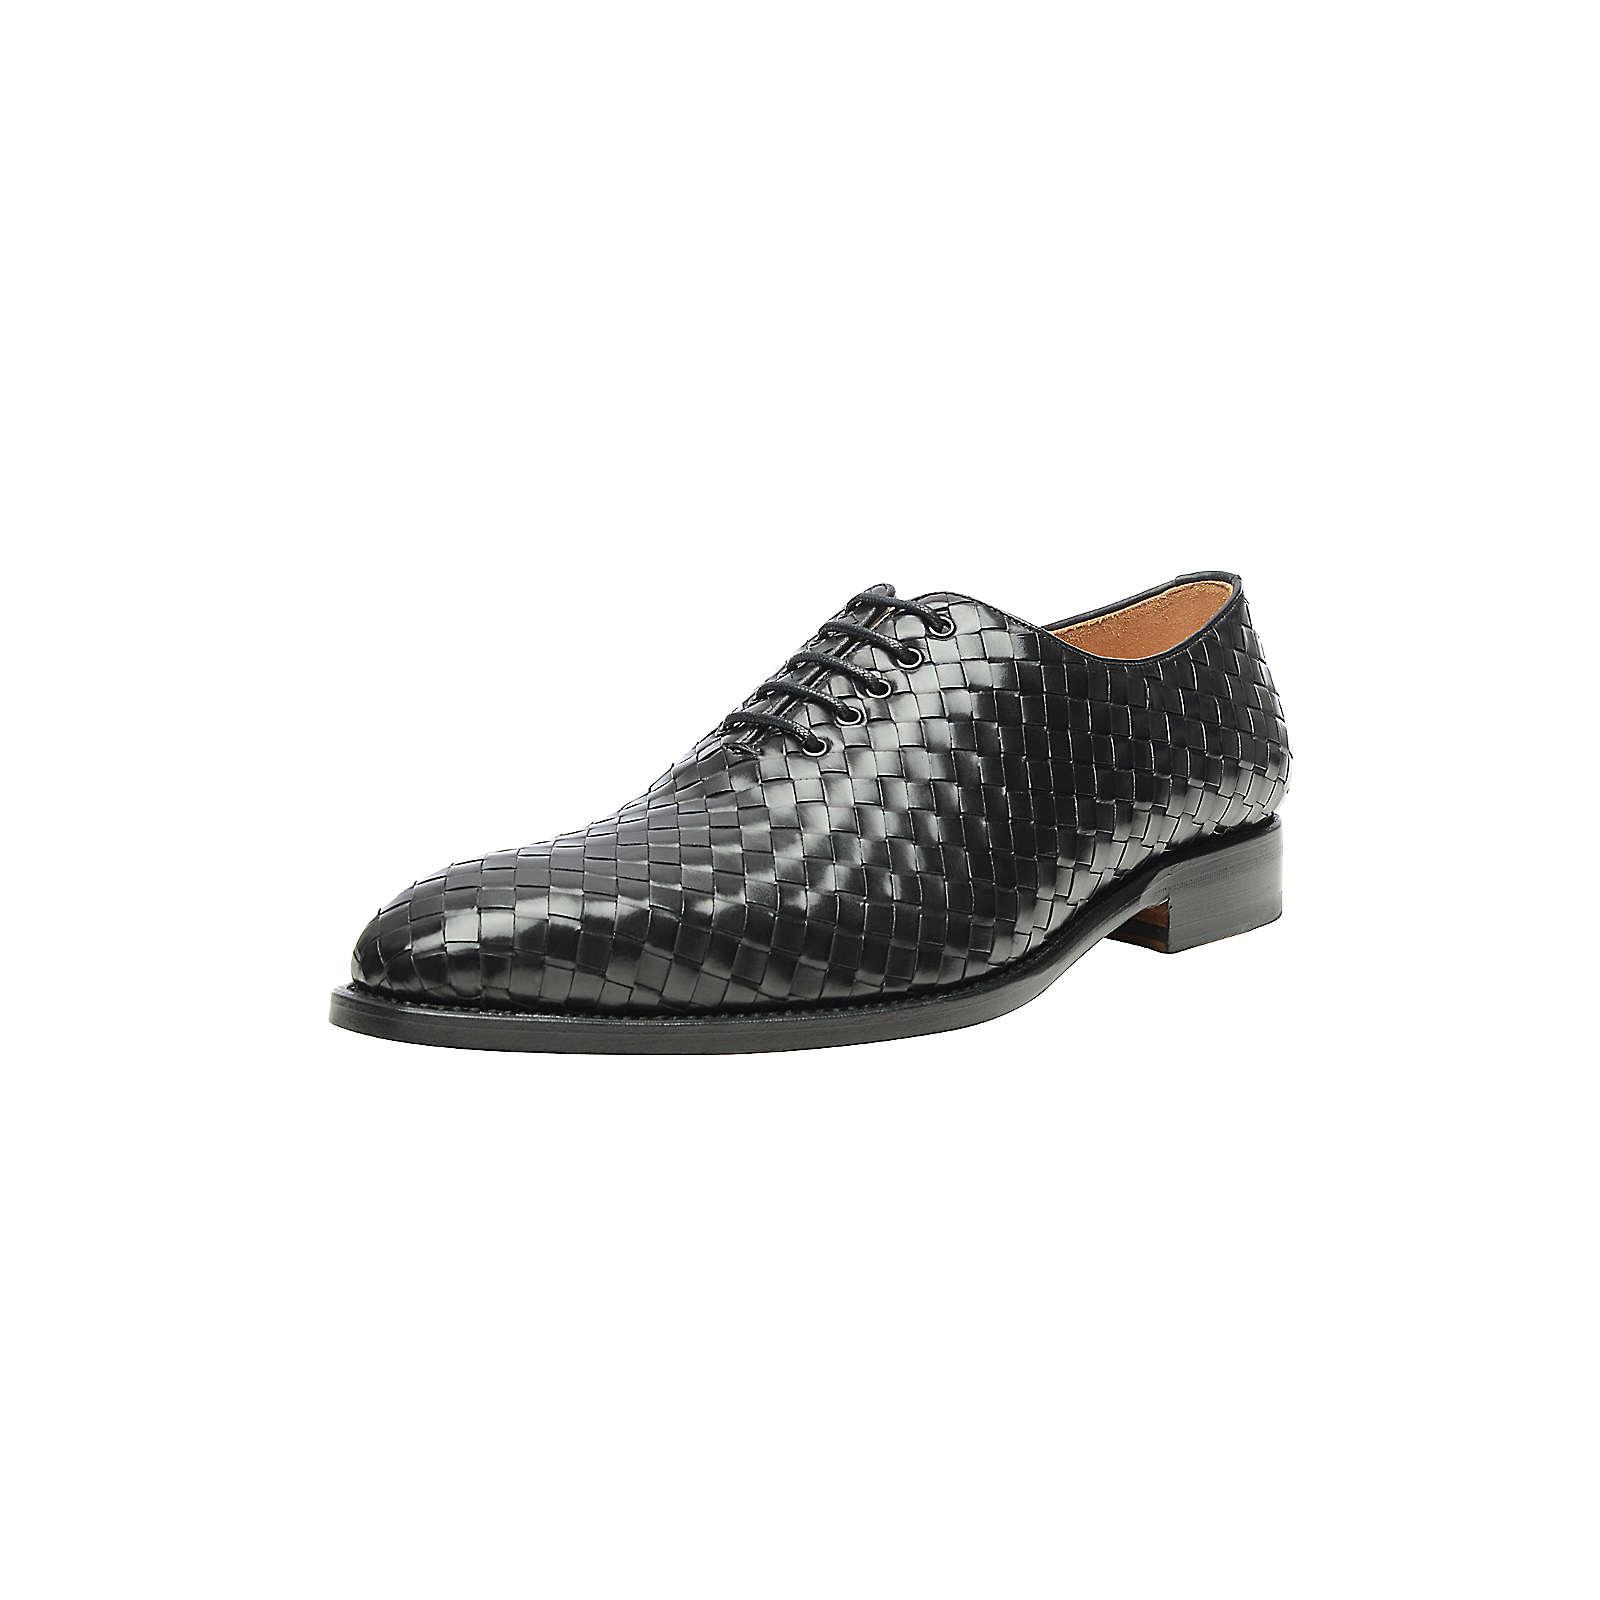 SHOEPASSION No. 360 Business Schuhe schwarz Herren Gr. 44 2/3